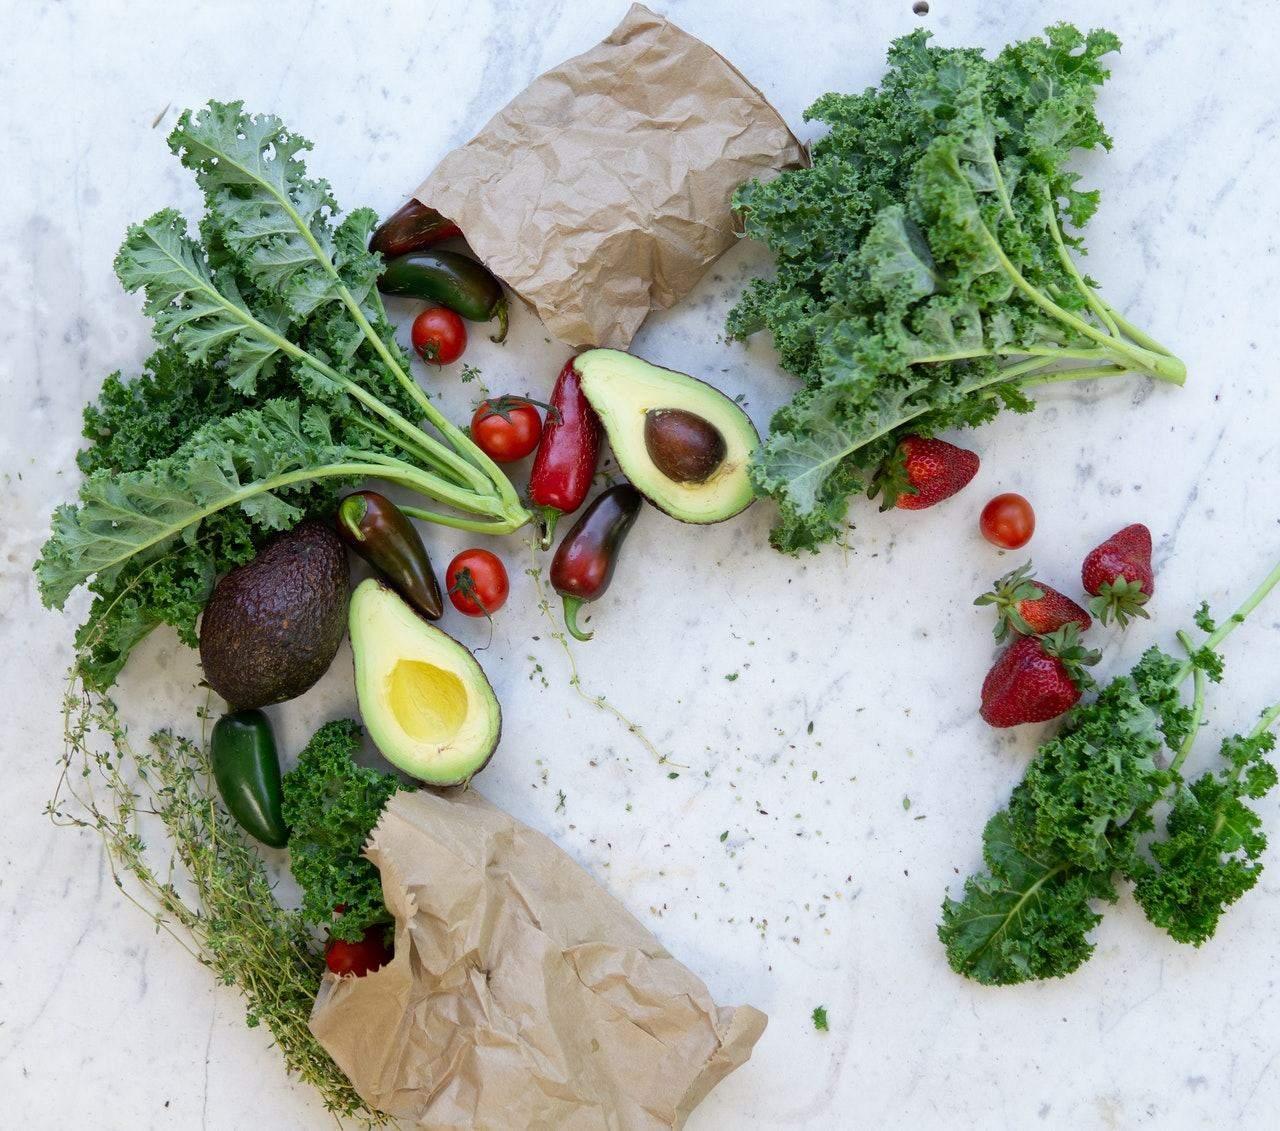 Откажитесь от полуфабрикатов и ешьте больше натуральных продуктов